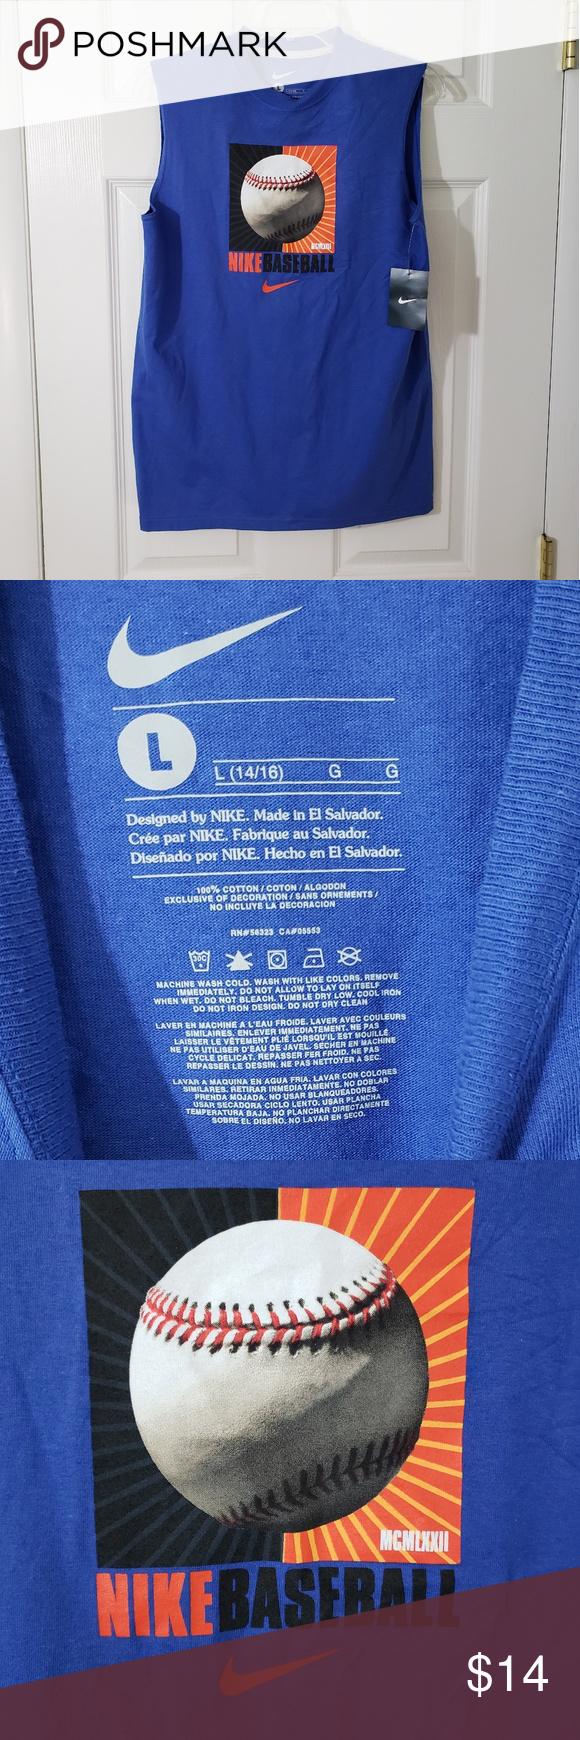 Boy's Nike Baseball Shirt